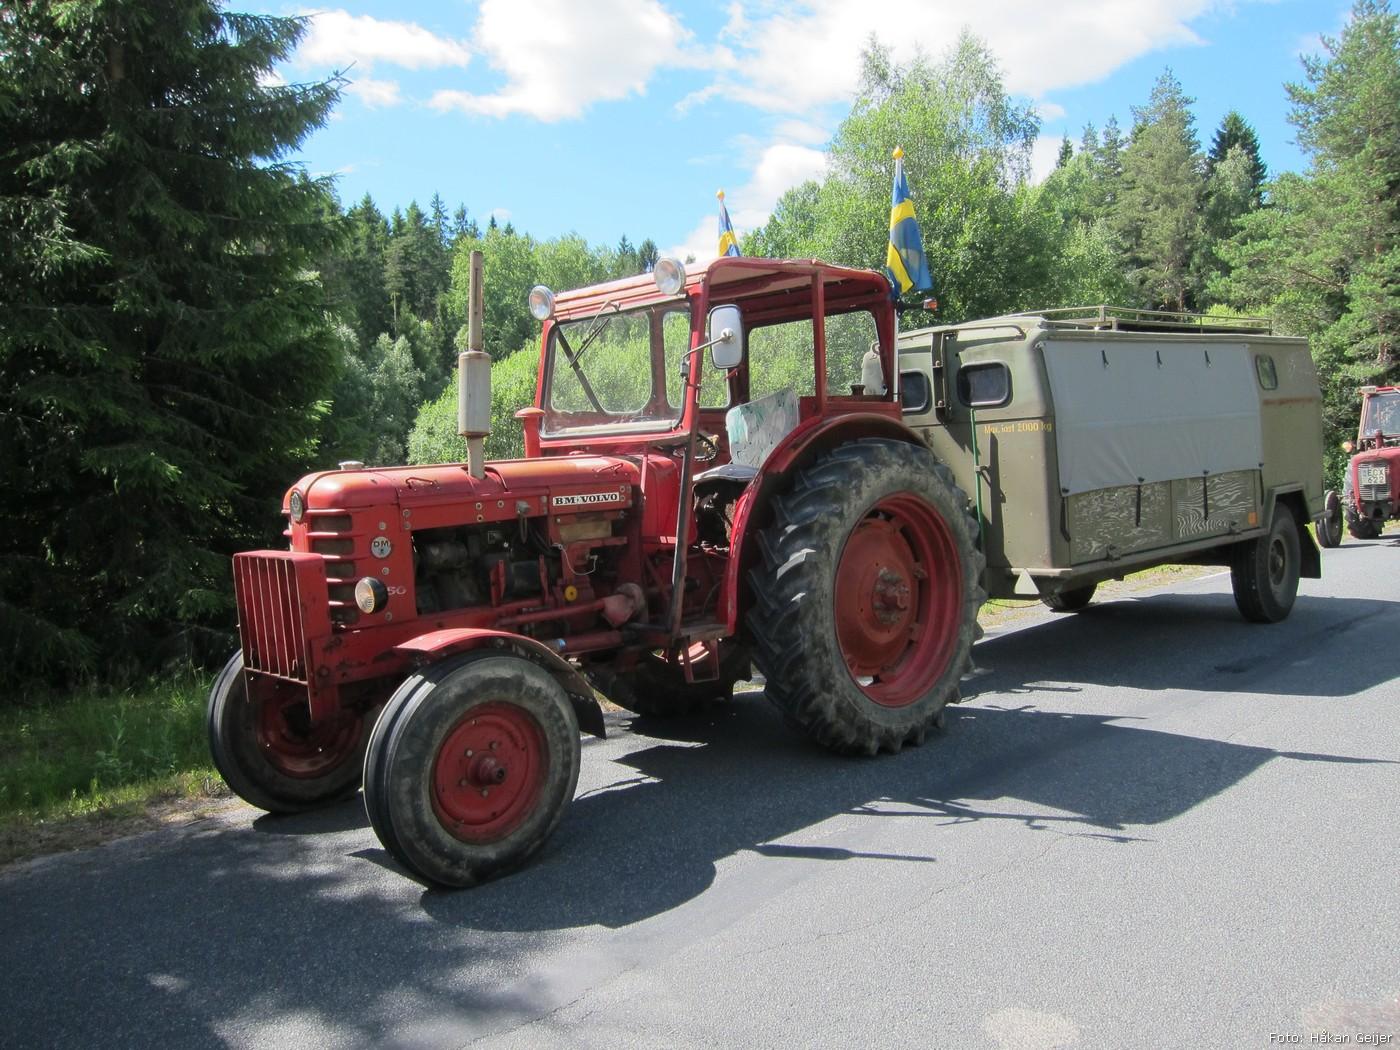 2013-07-20_041_Traktorresa